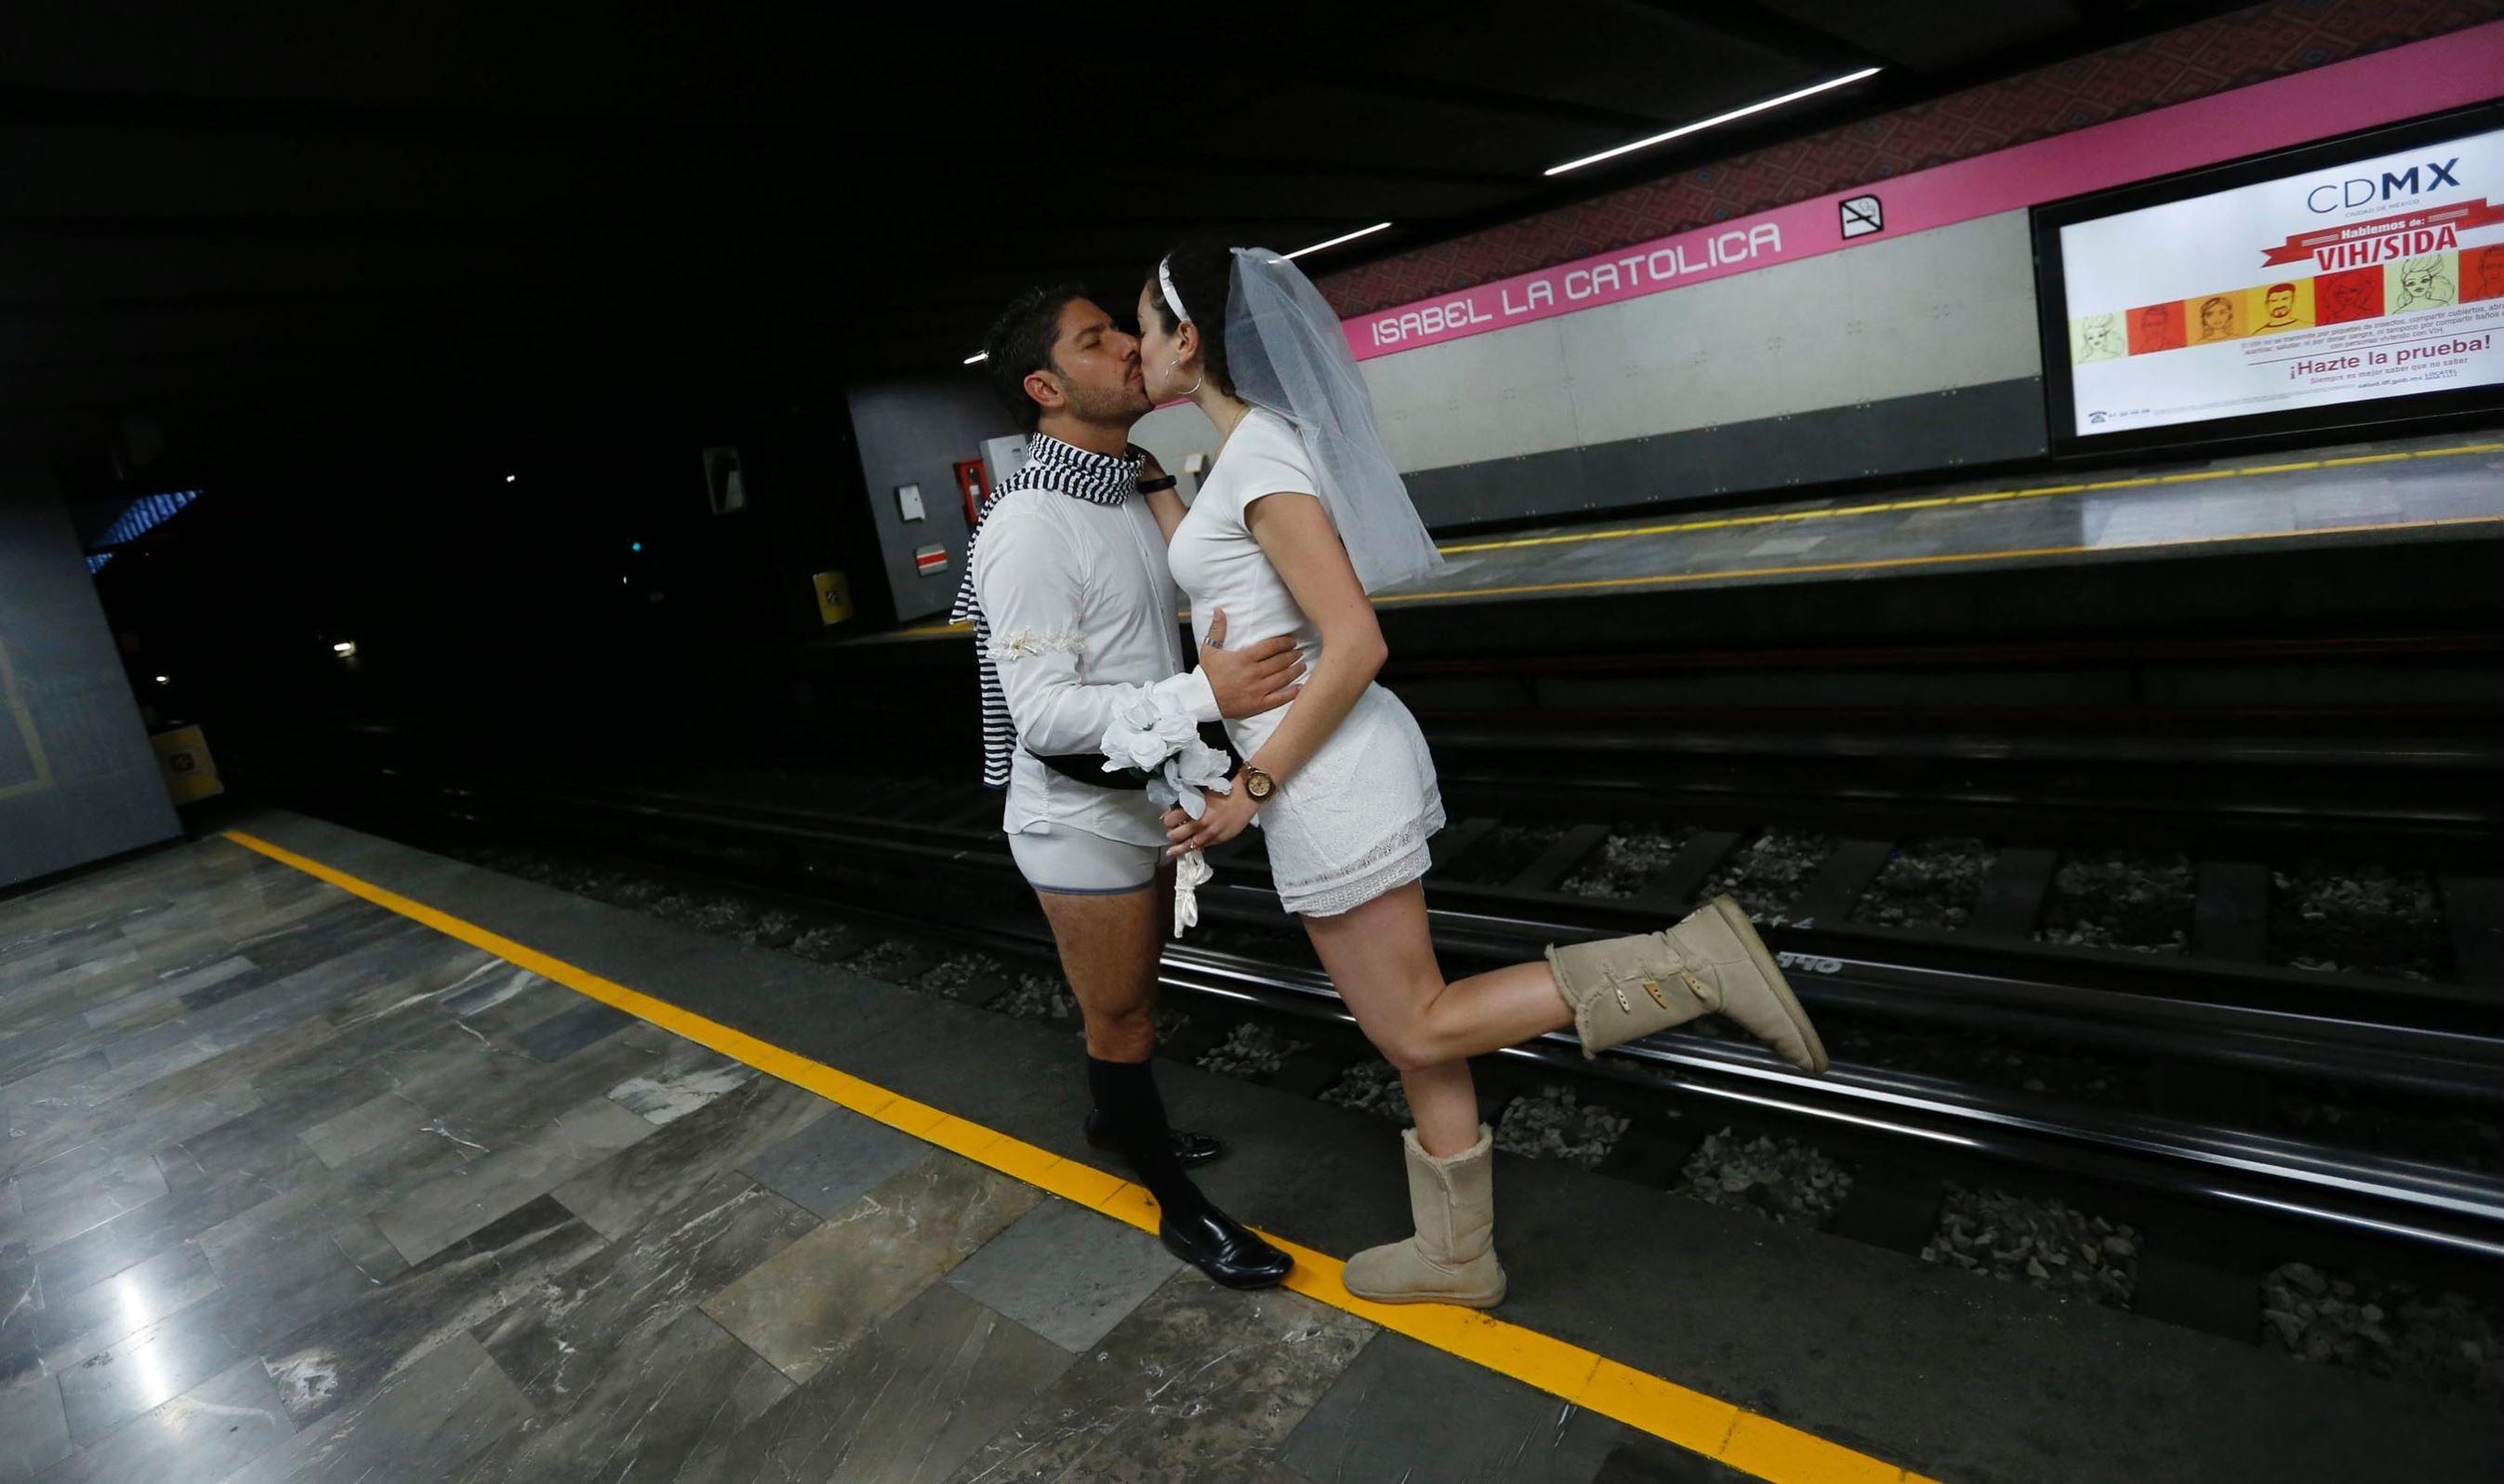 Ilman housuja metroon -tapahtuma villitsi ympäri maailmaa